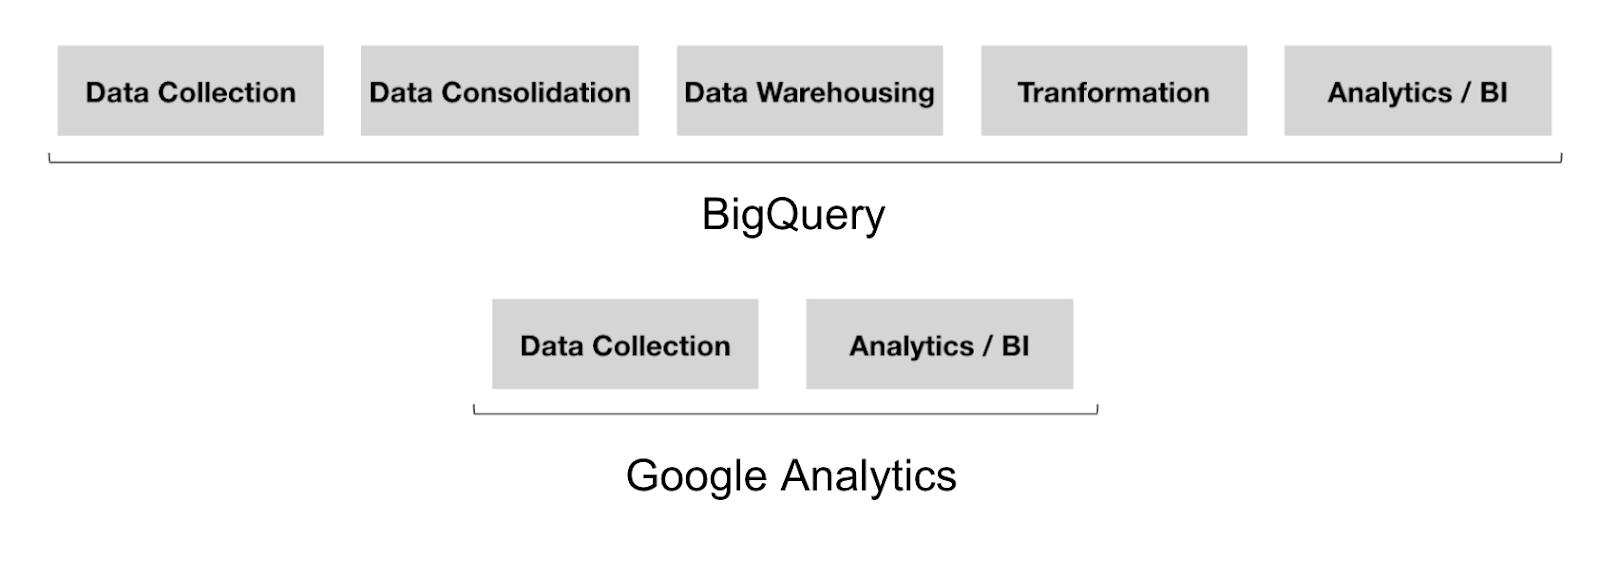 diagramma che mostra l'accesso comparativo ai dati analitici tra Google Analytics e Bigquery.